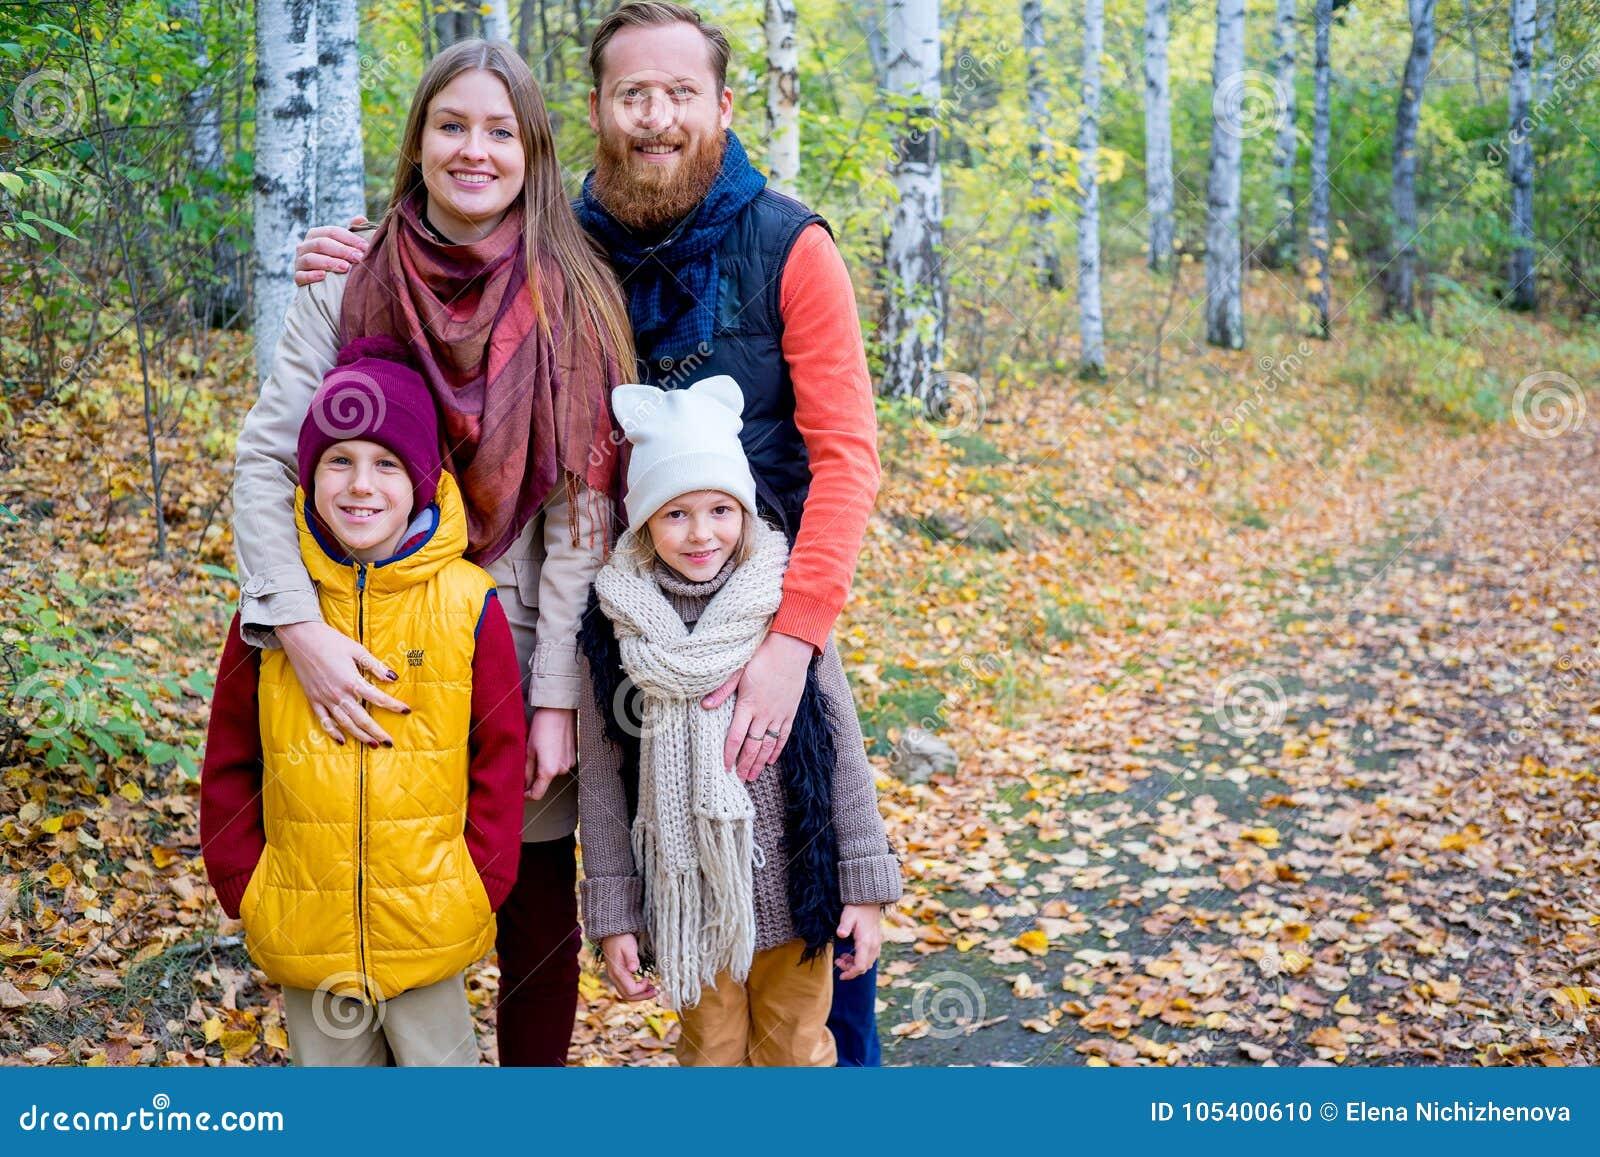 Download Οικογένεια σε ένα πάρκο φθινοπώρου Στοκ Εικόνες - εικόνα από διασκέδαση, πάρκο: 105400610